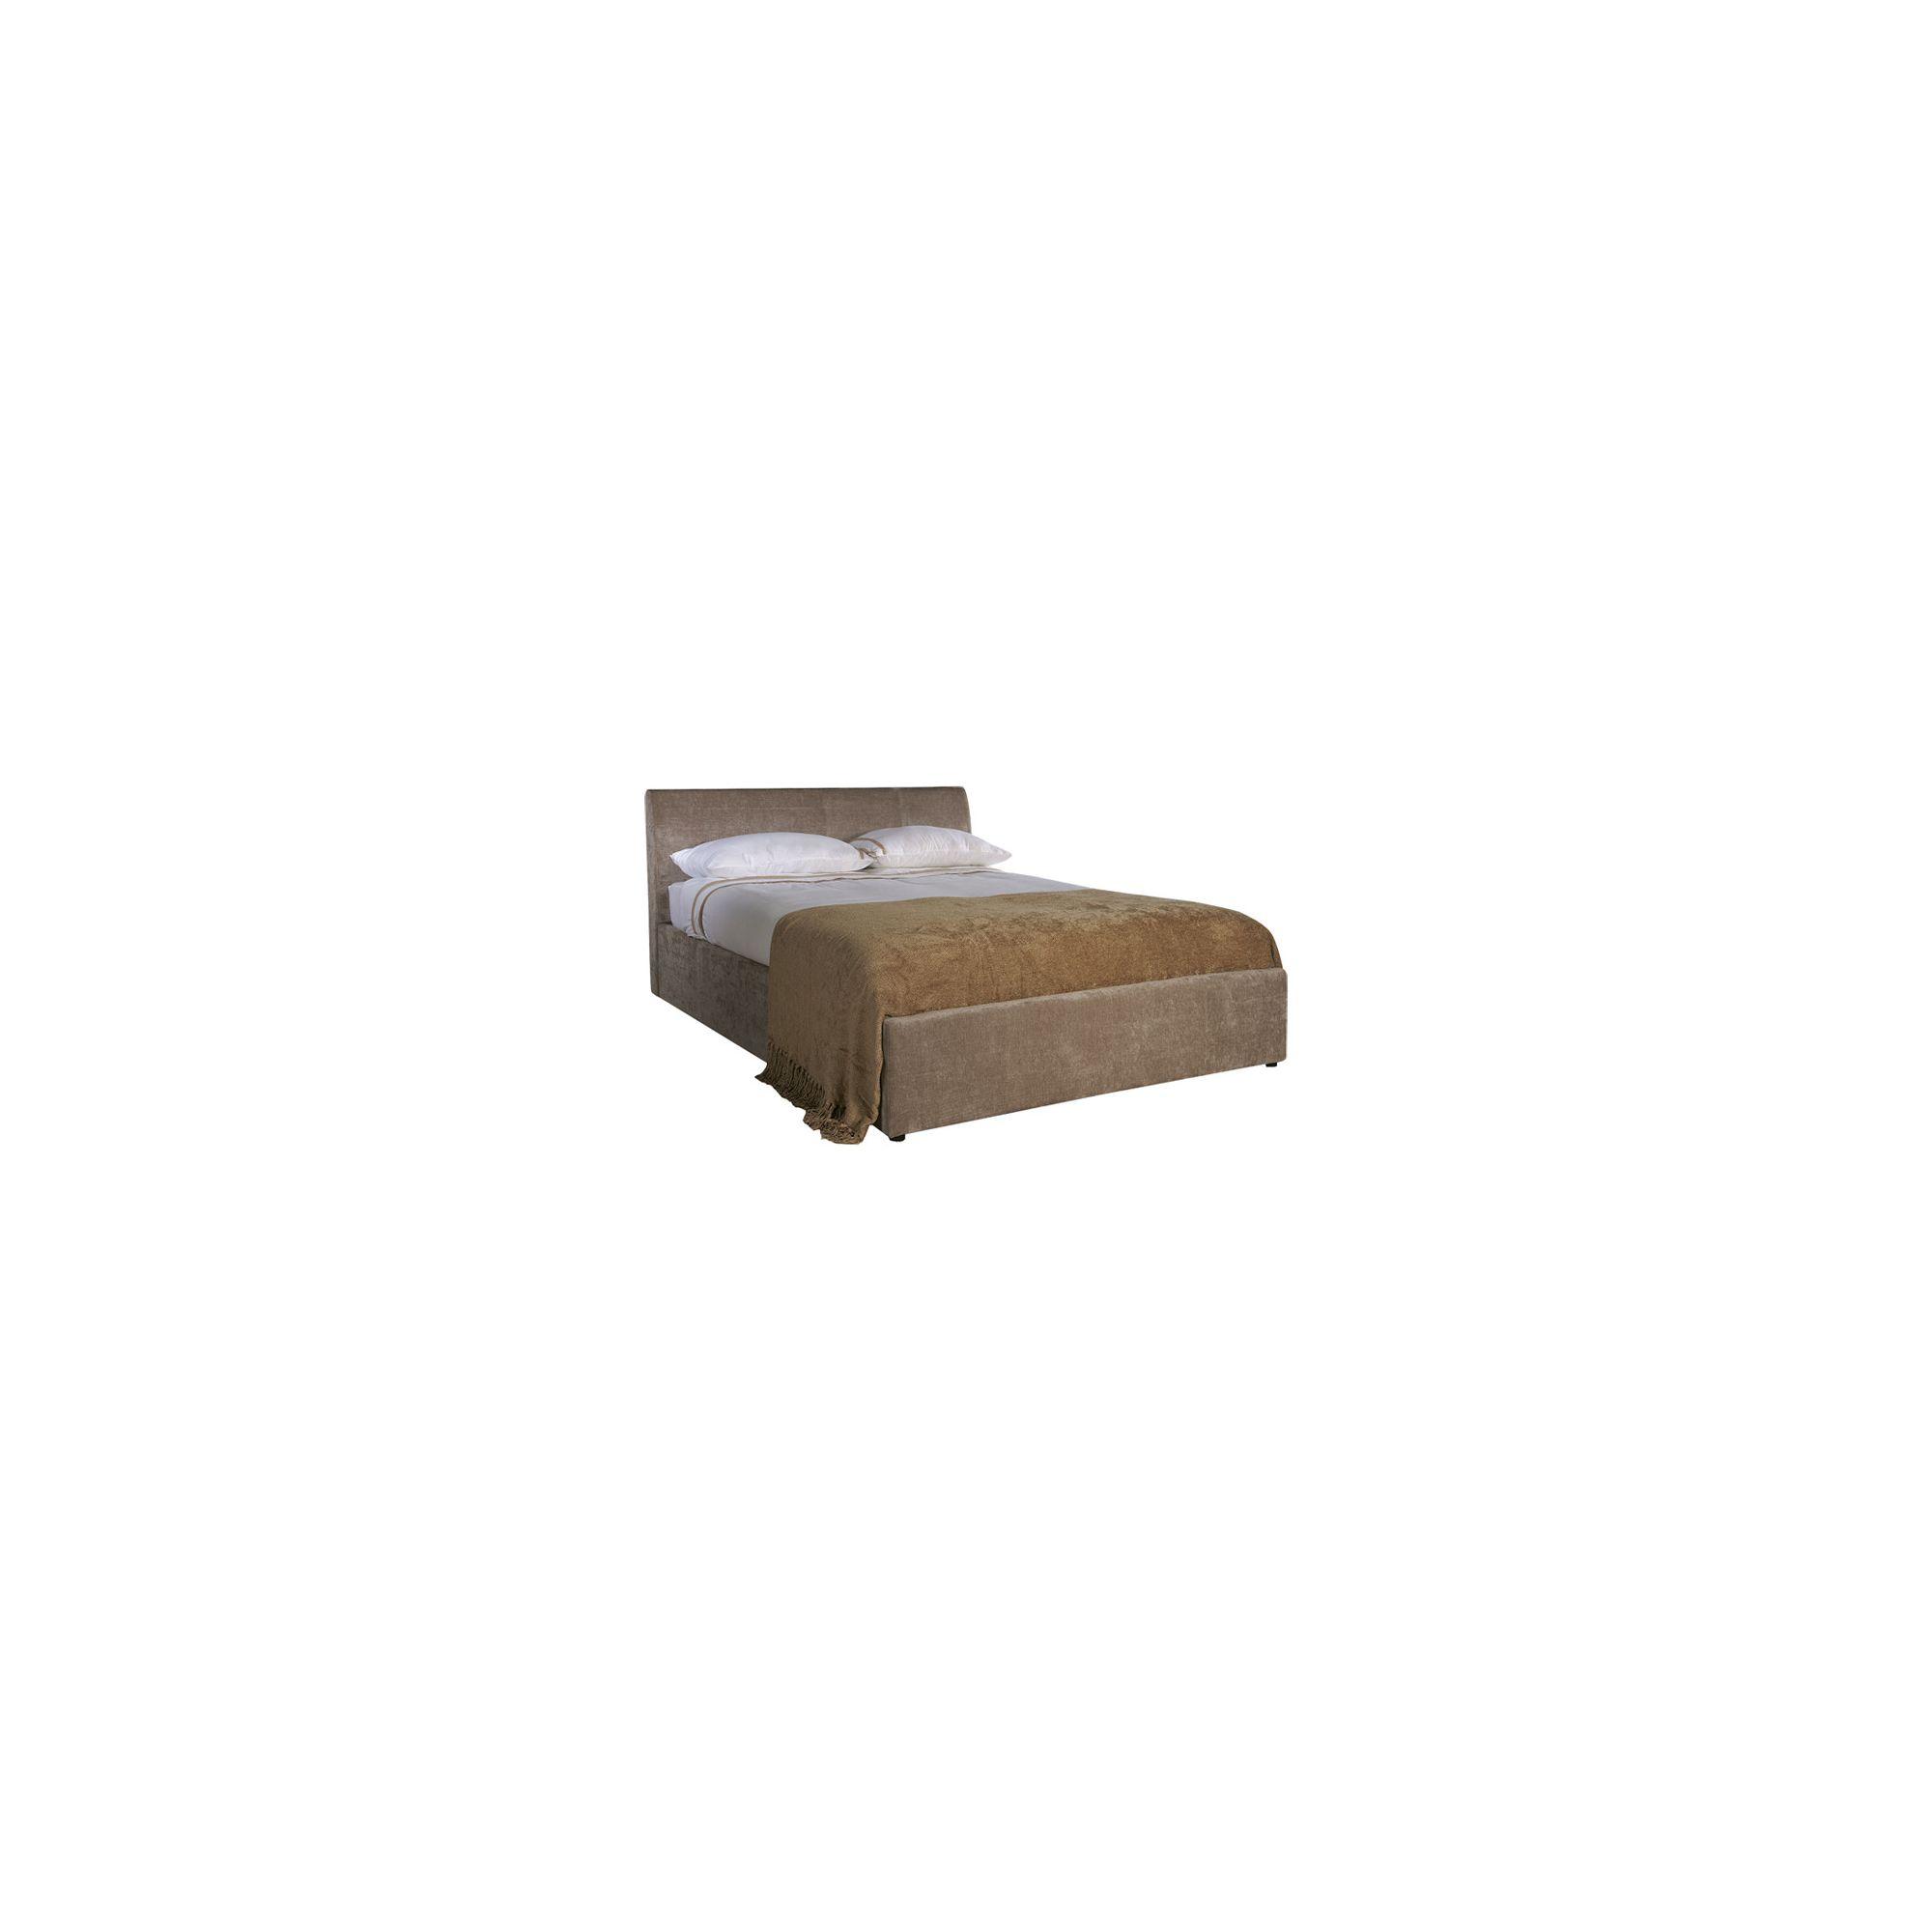 Limelight Jupiter Storage Bed - King at Tesco Direct